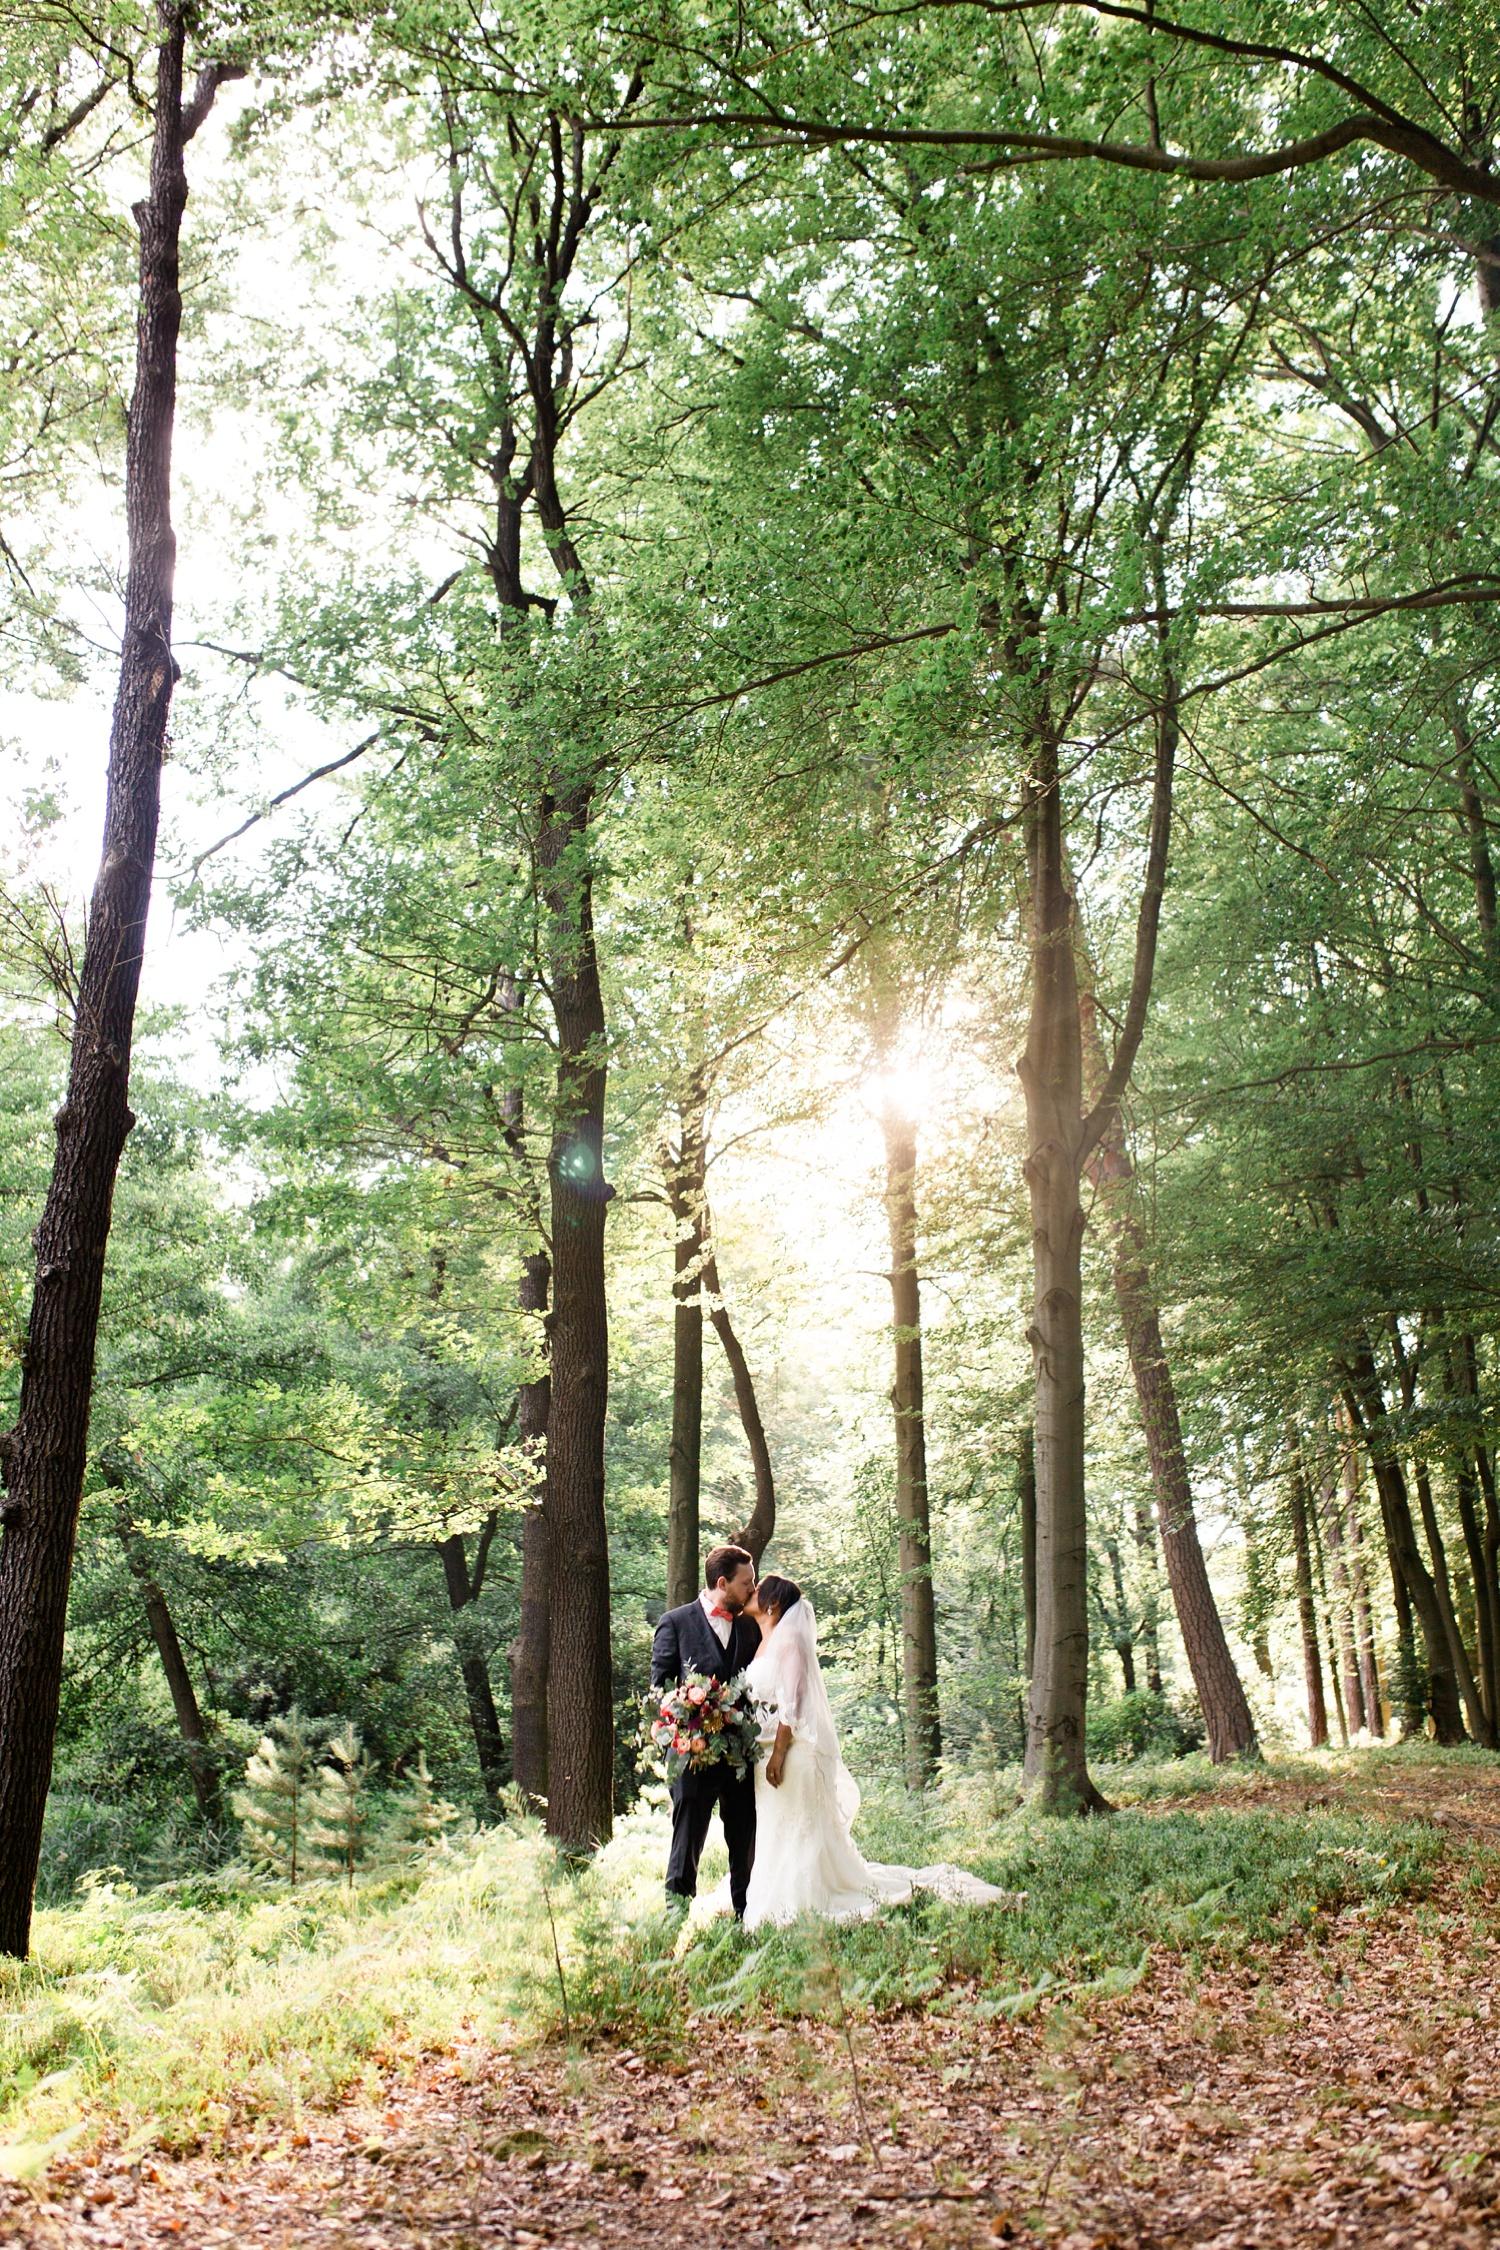 Daniela und Markus After Wedding Shooting Rakotzbrücke Stefanie Lange Hochzeitsfotografie Berlin & Leipzig